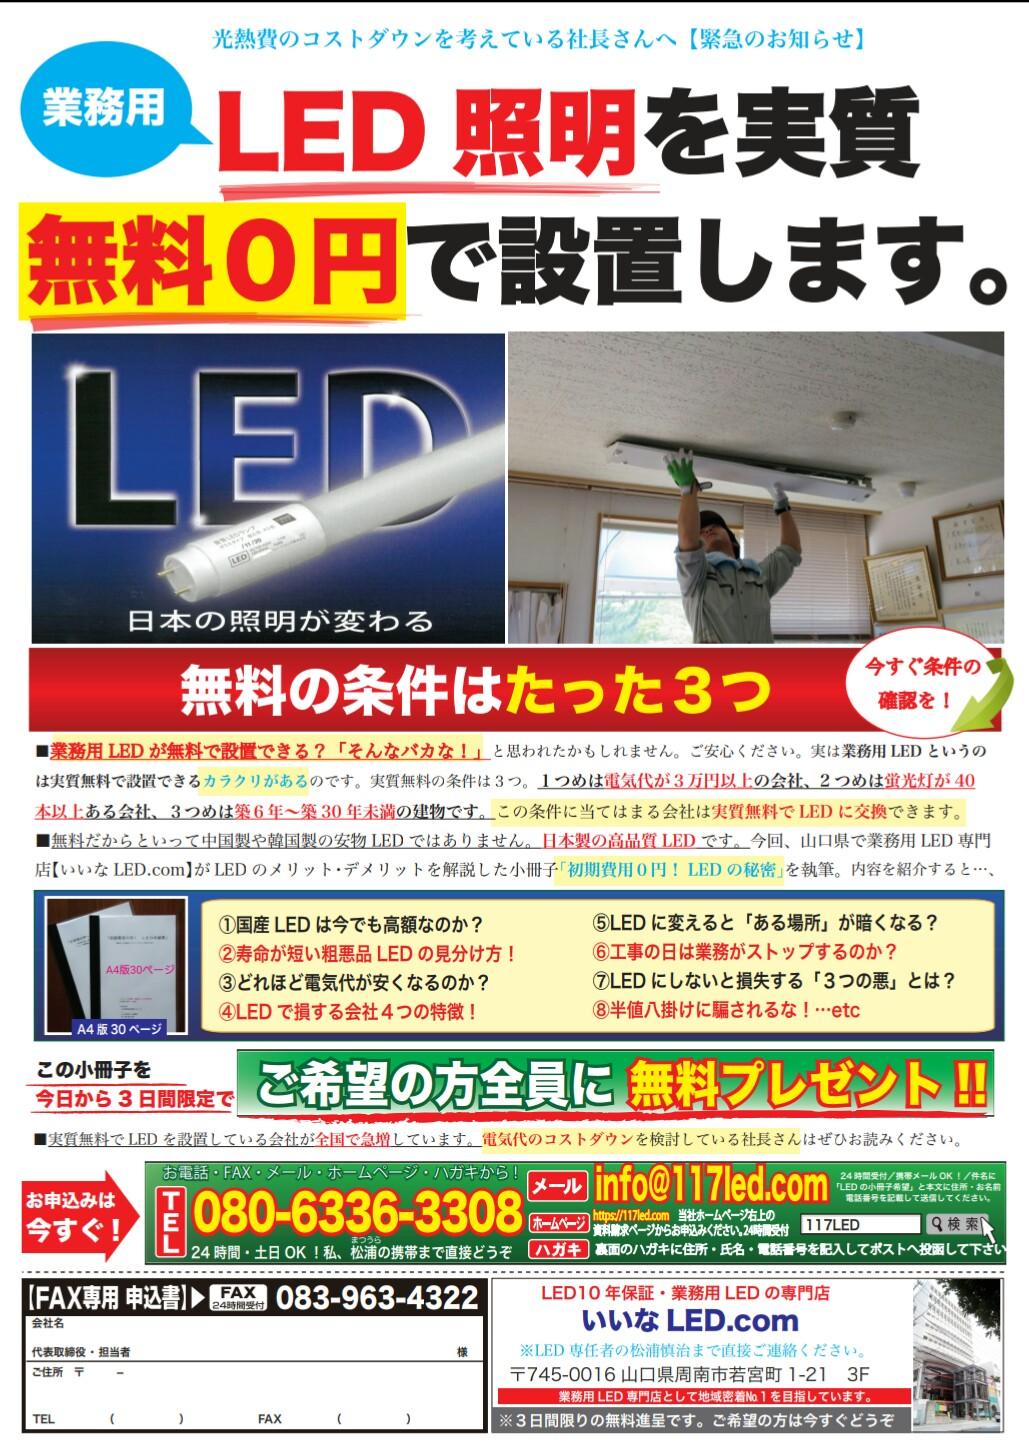 電気代コストカットをお考えの社長さんへ。業務用LED照明を実質無料0円で設置します。